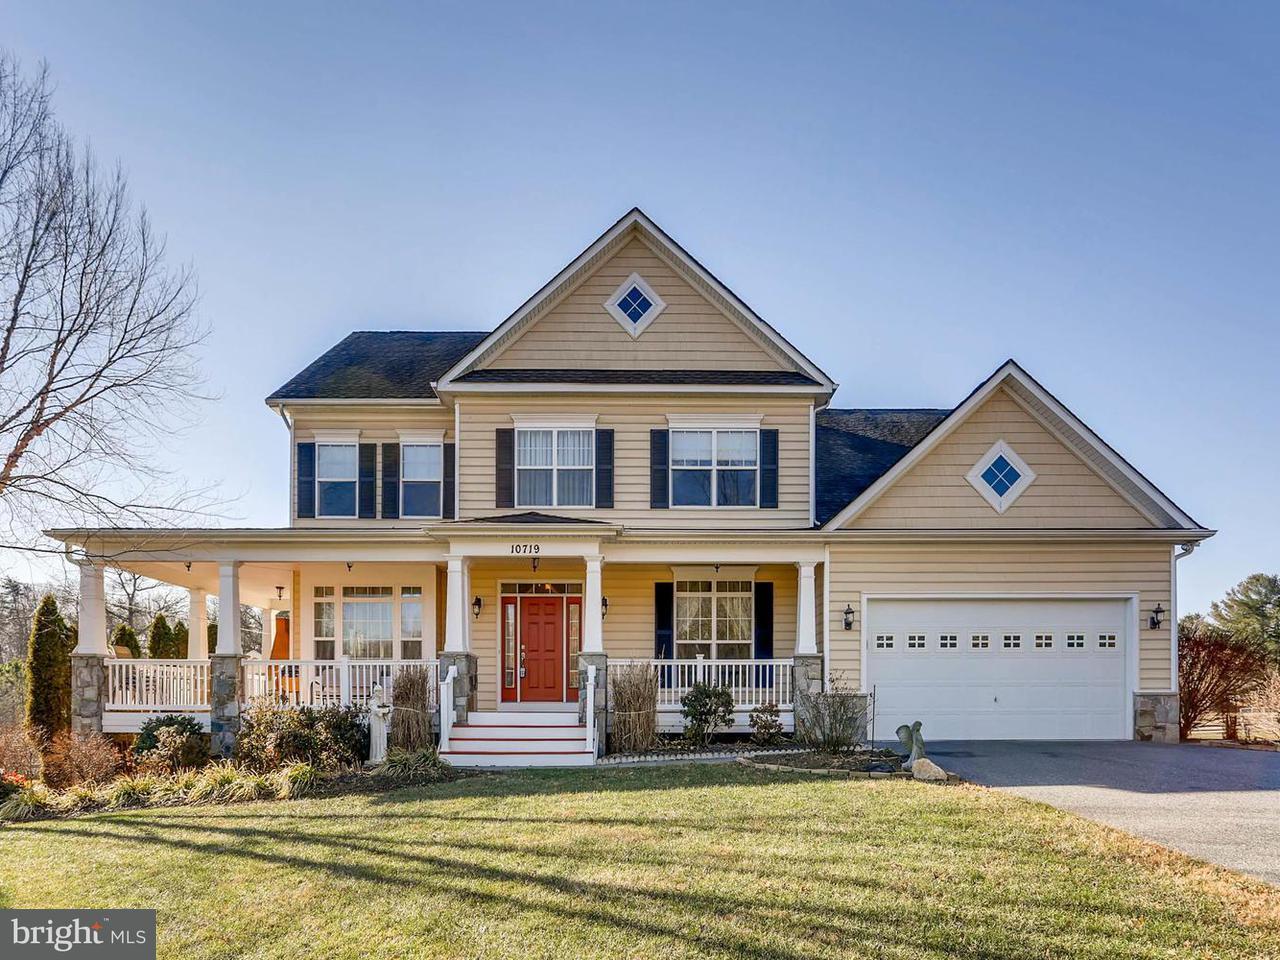 Maison unifamiliale pour l Vente à 10719 OLD COURT Road 10719 OLD COURT Road Woodstock, Maryland 21163 États-Unis